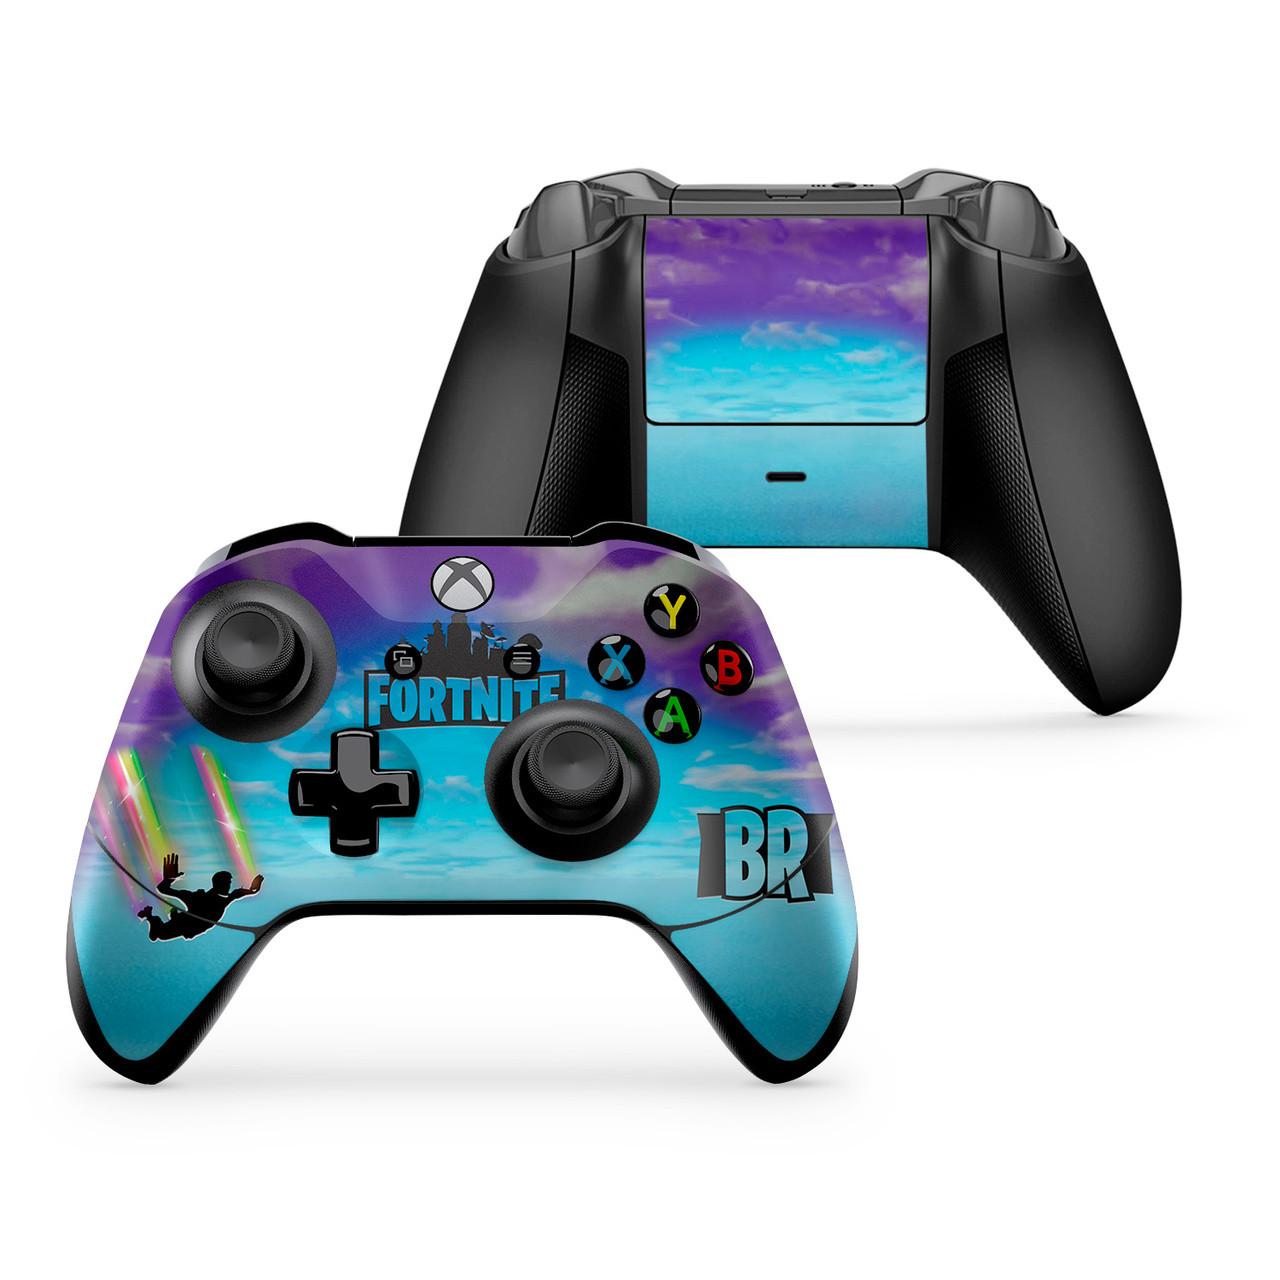 Stormy Sky Rainbow Trails Xbox One X S Controller Skin